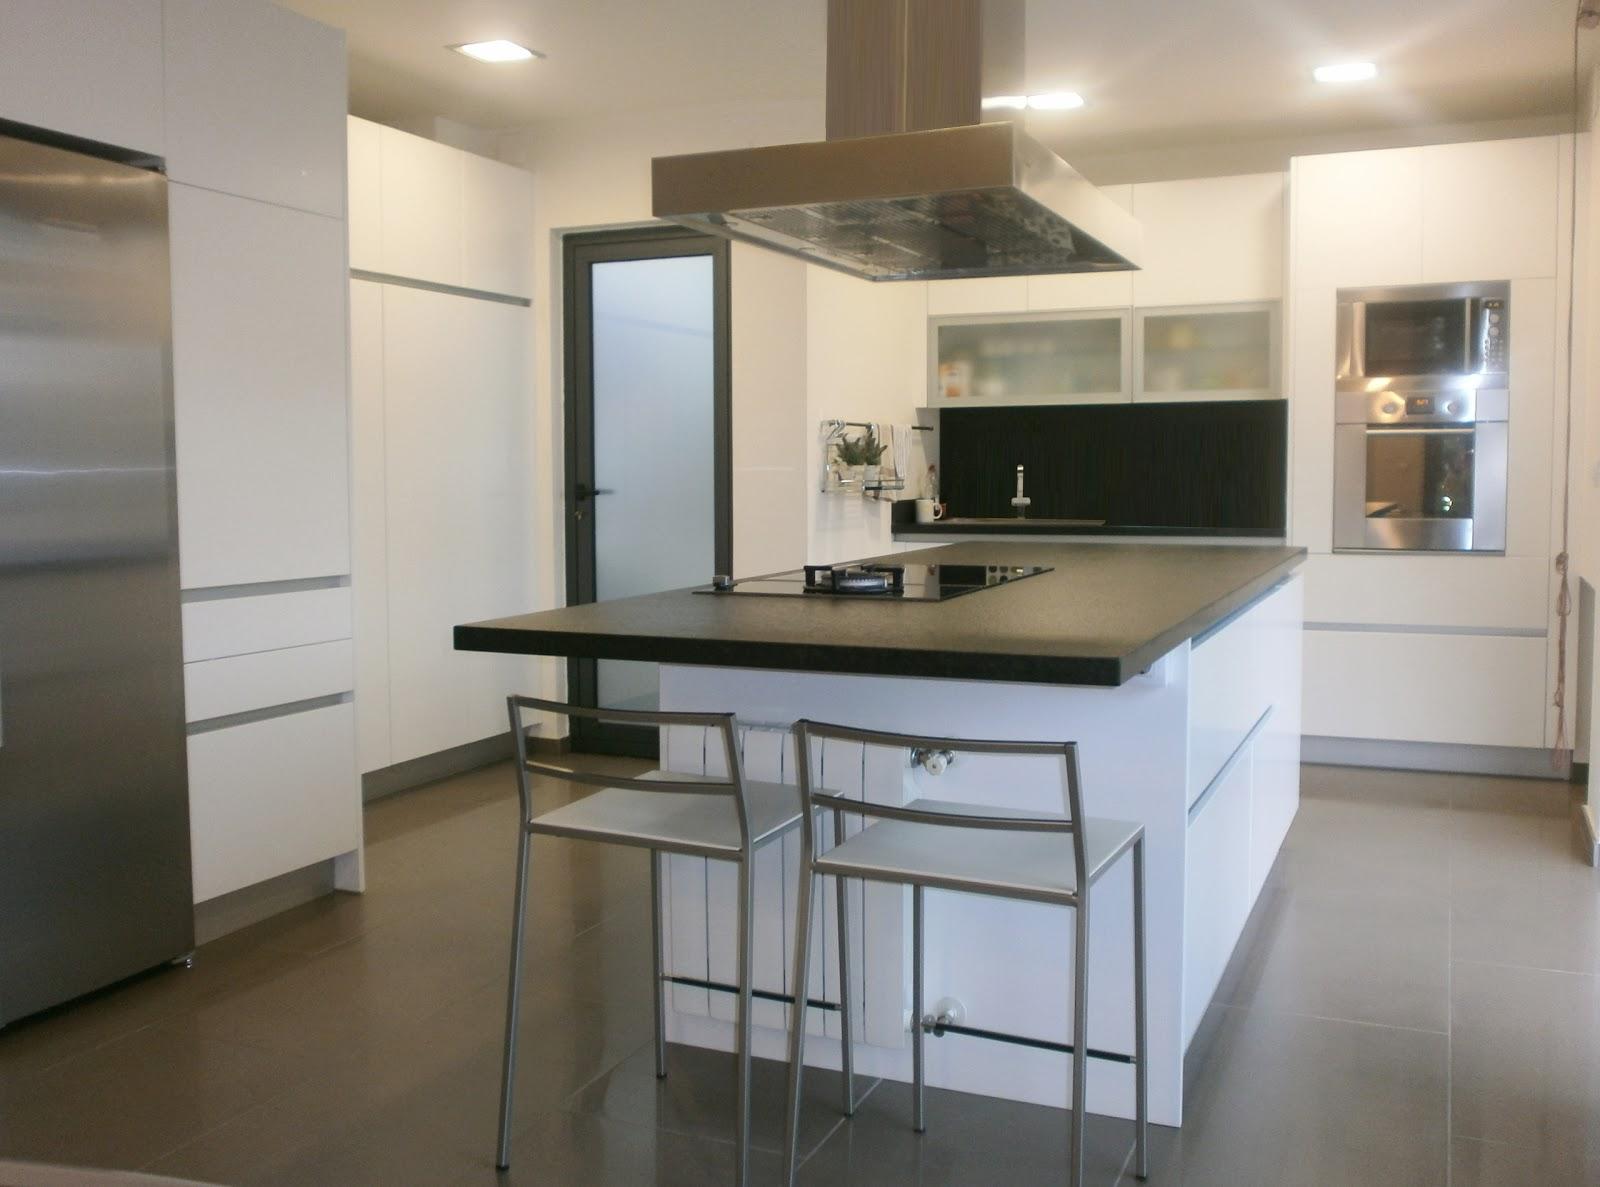 Granito negro y cocina blanca sobria y siempre actual Cocina blanca encimera granito negra